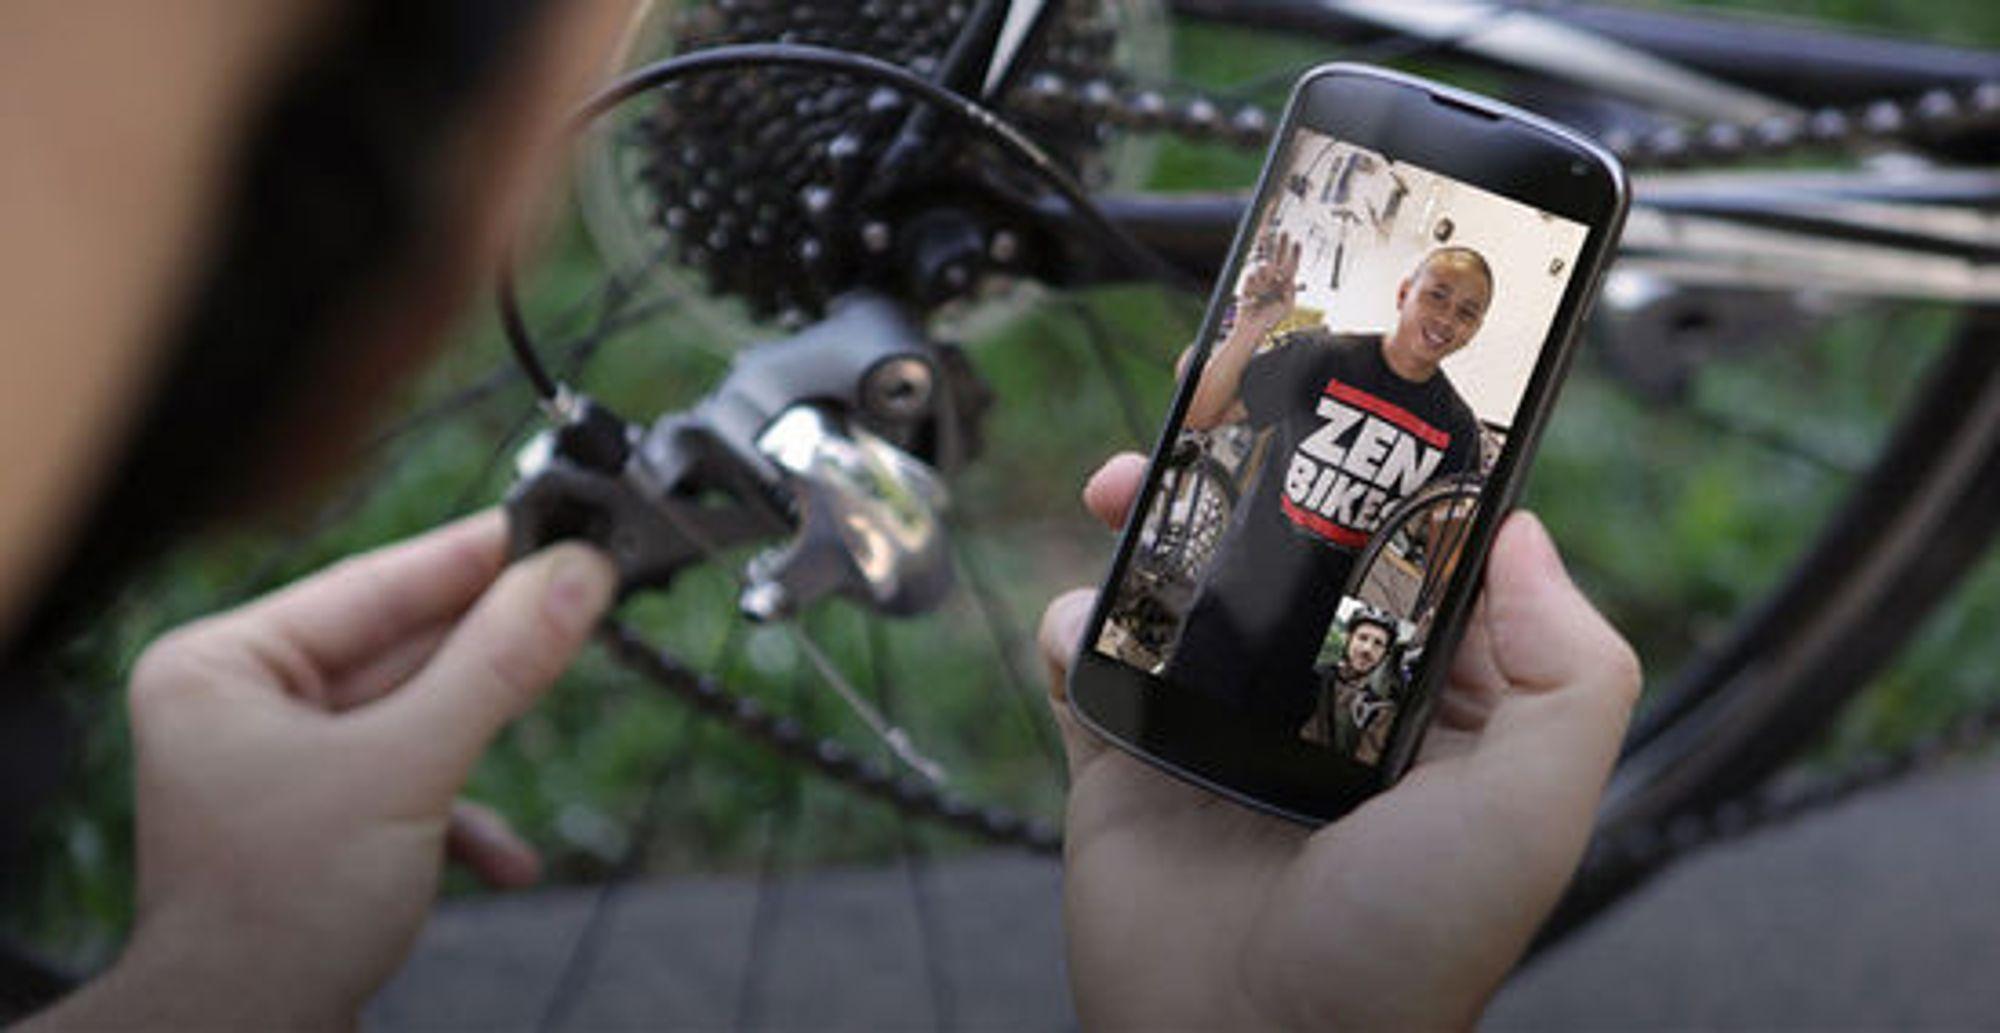 Kanskje det er billigere og enklere å få litt bistand til å justere sykkelgiret via Helpouts enn å overlate det helt til den lokale sykkelreparatøren.